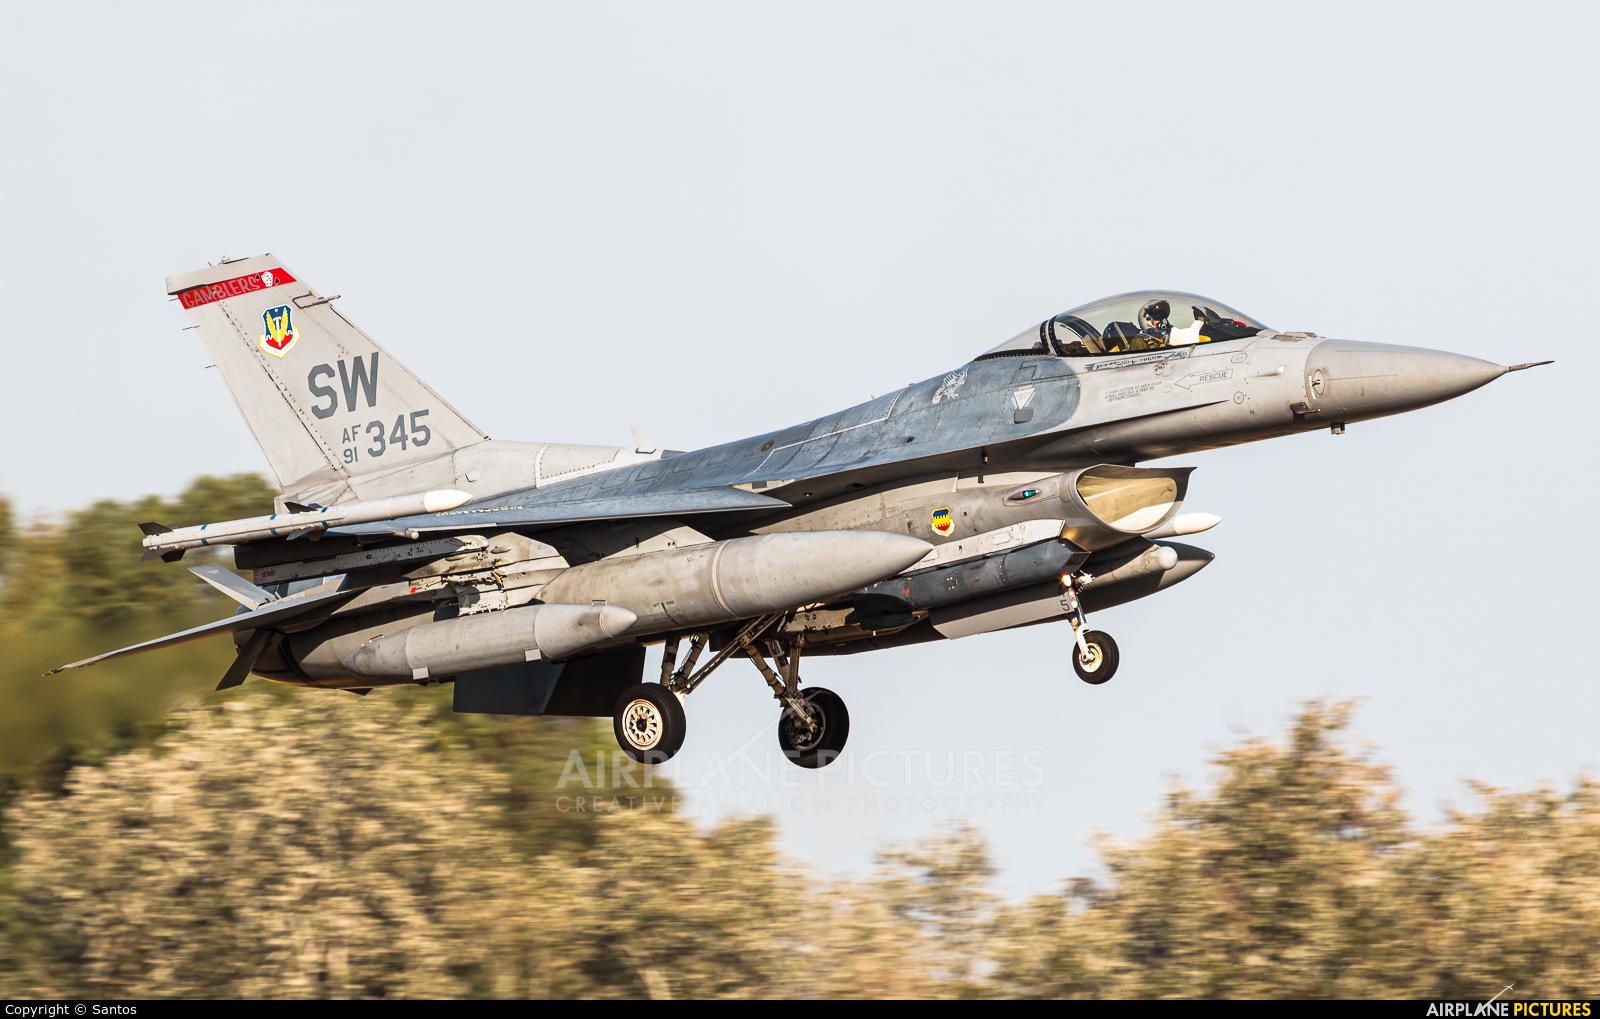 USA - Air Force 91-0345 aircraft at Seville - Moron de la Frontera